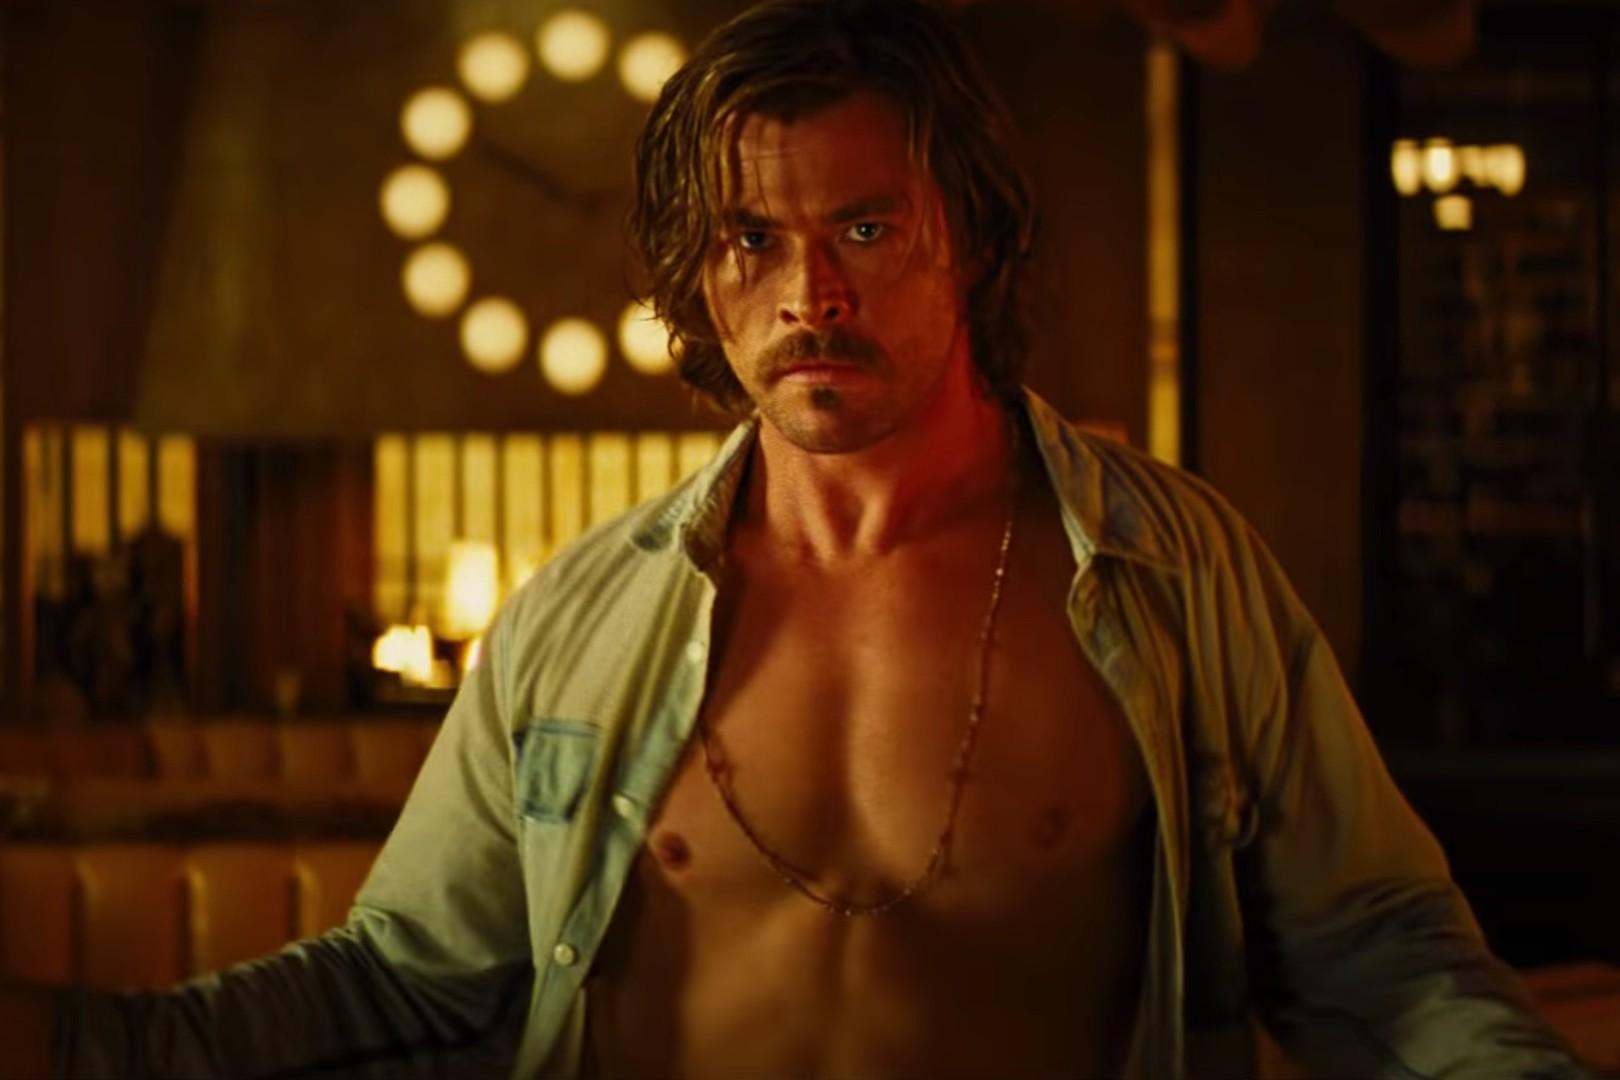 Thần sấm Thor Chris Hemsworth: Một bước thành sao hạng A, nỗ lực để không bị đóng khung vai diễn - Ảnh 5.